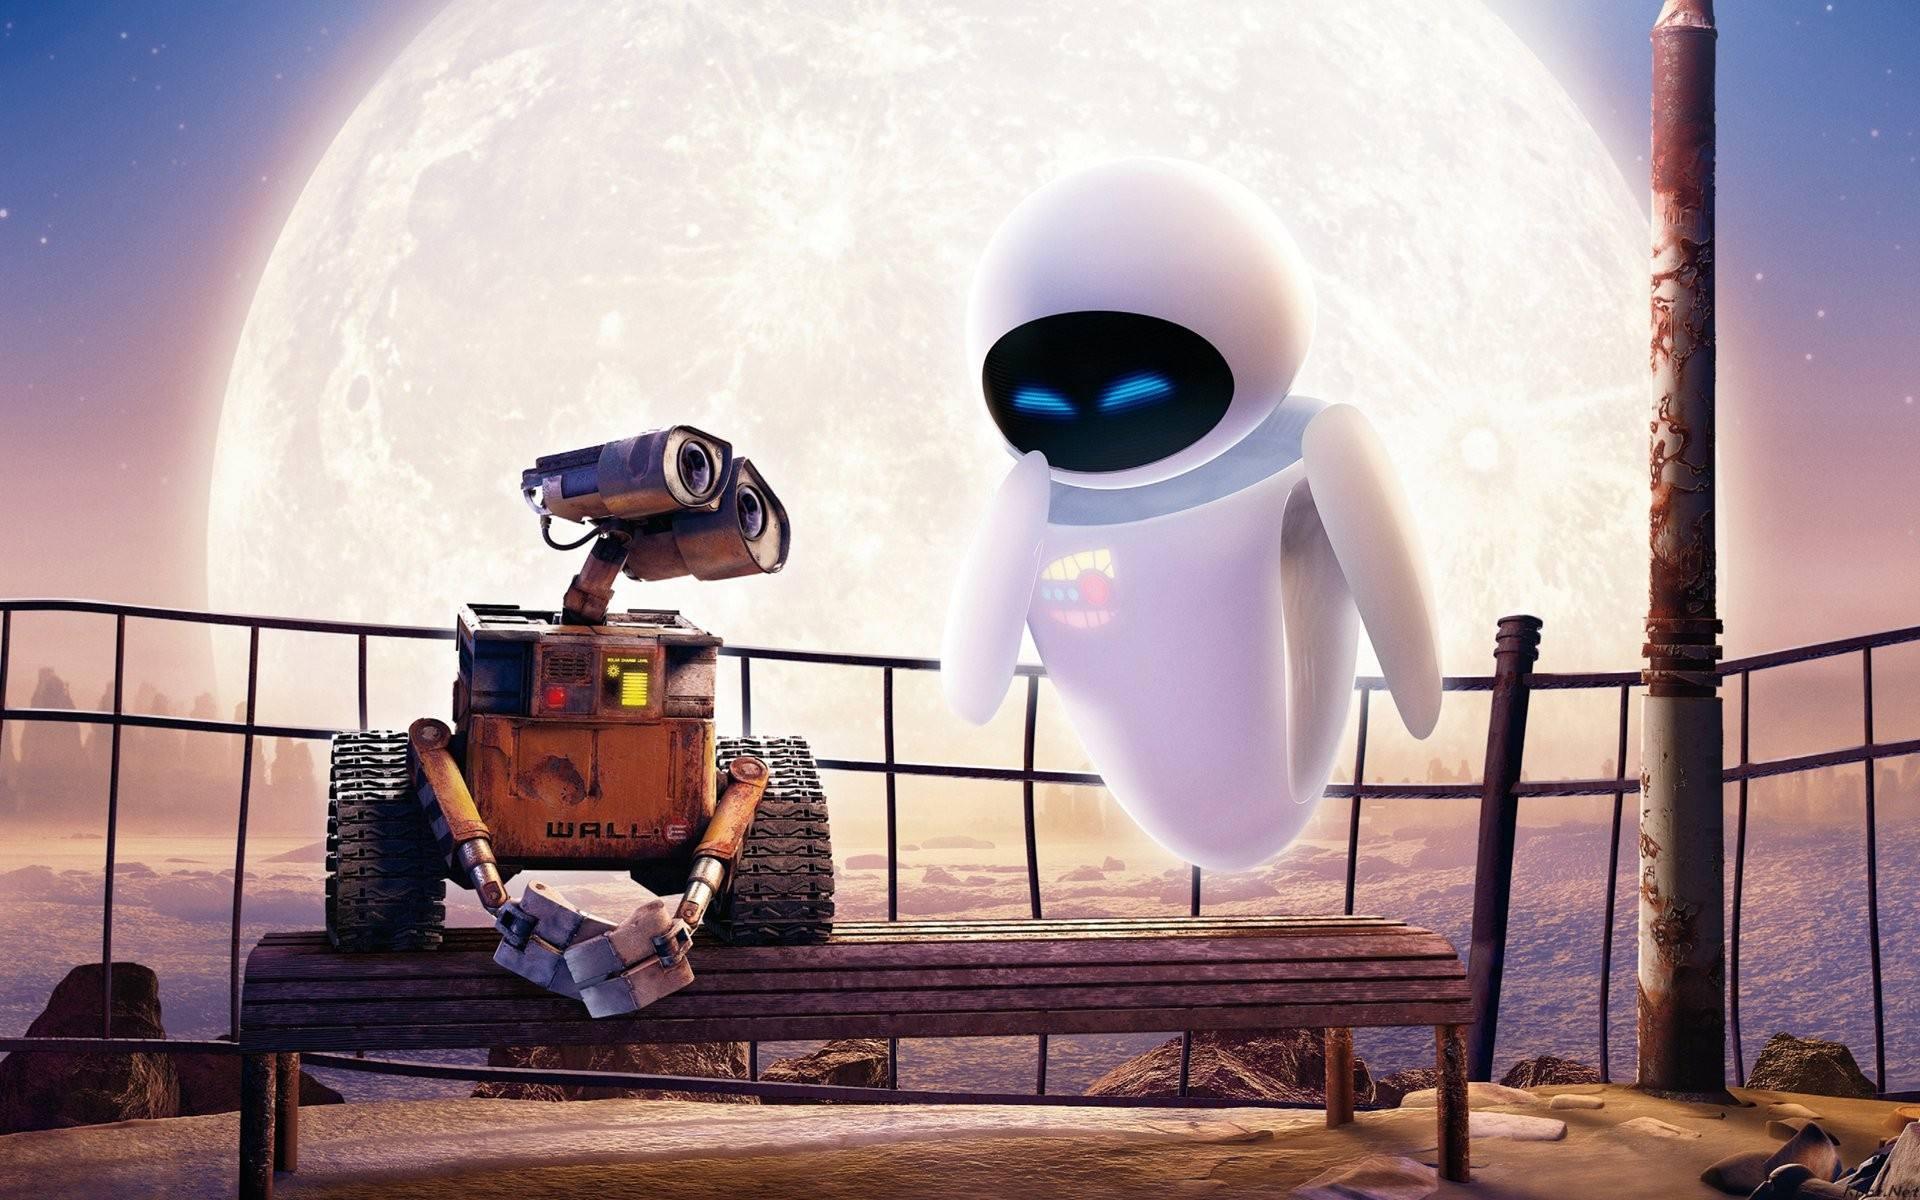 美机器人协会主席直言全球机器人增长主要靠中国